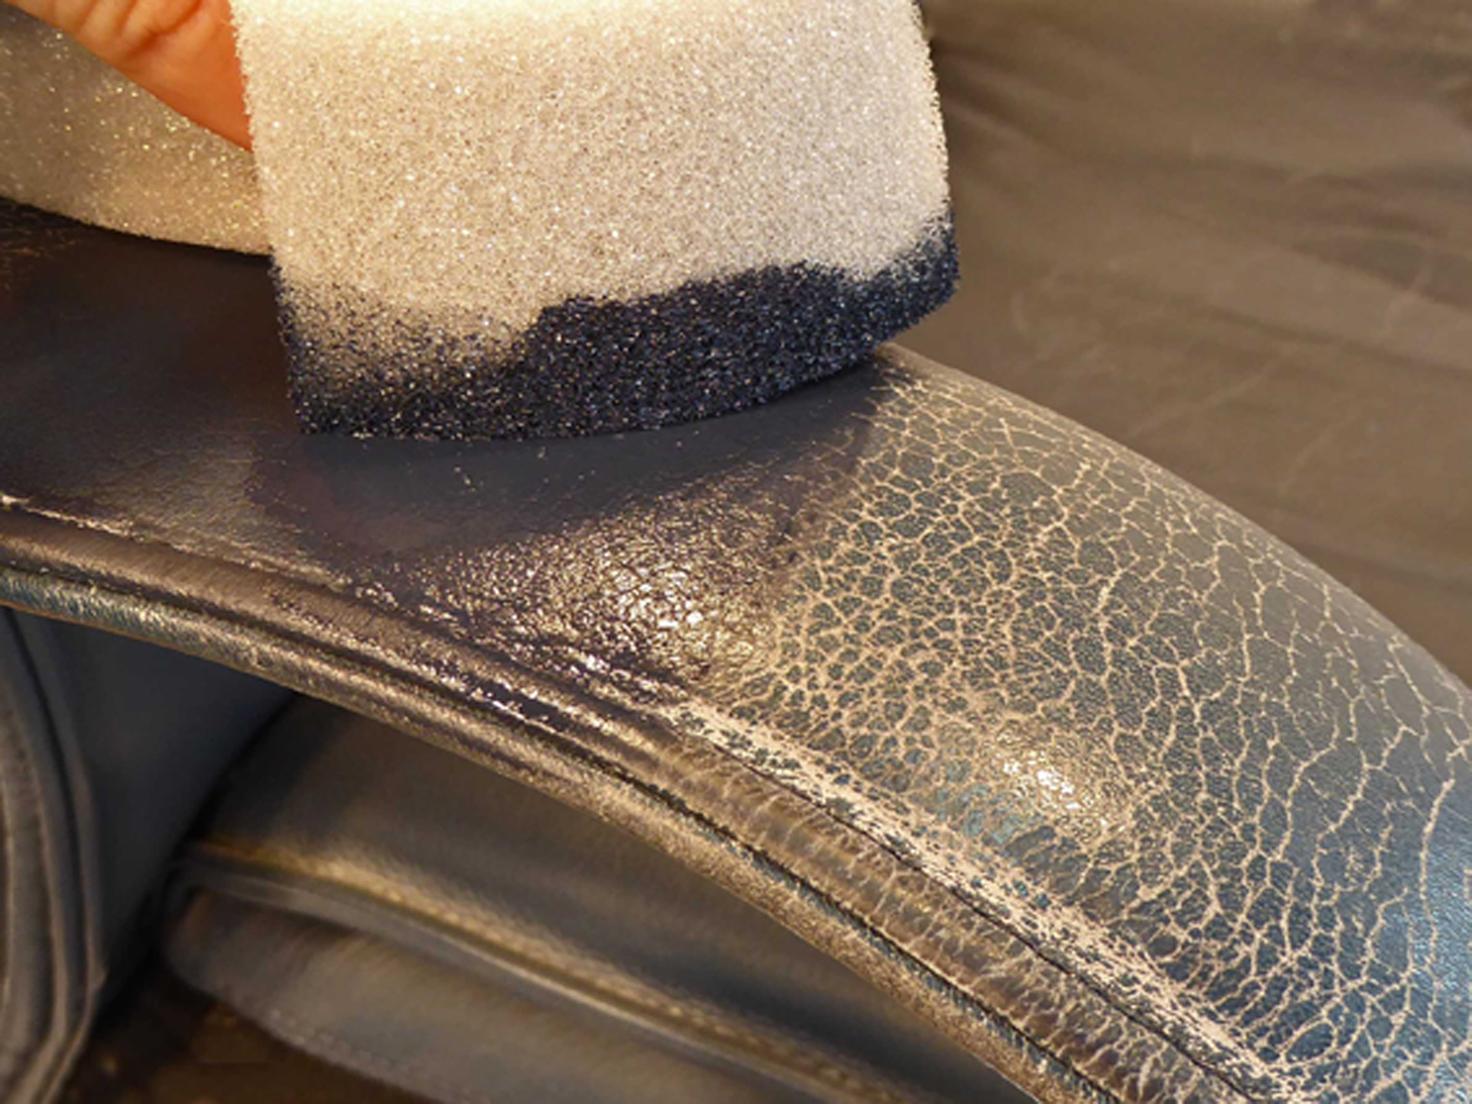 Zapatos de cuero, bolsas de cuero y sofá de cuero – todo queda reparado a la perfección